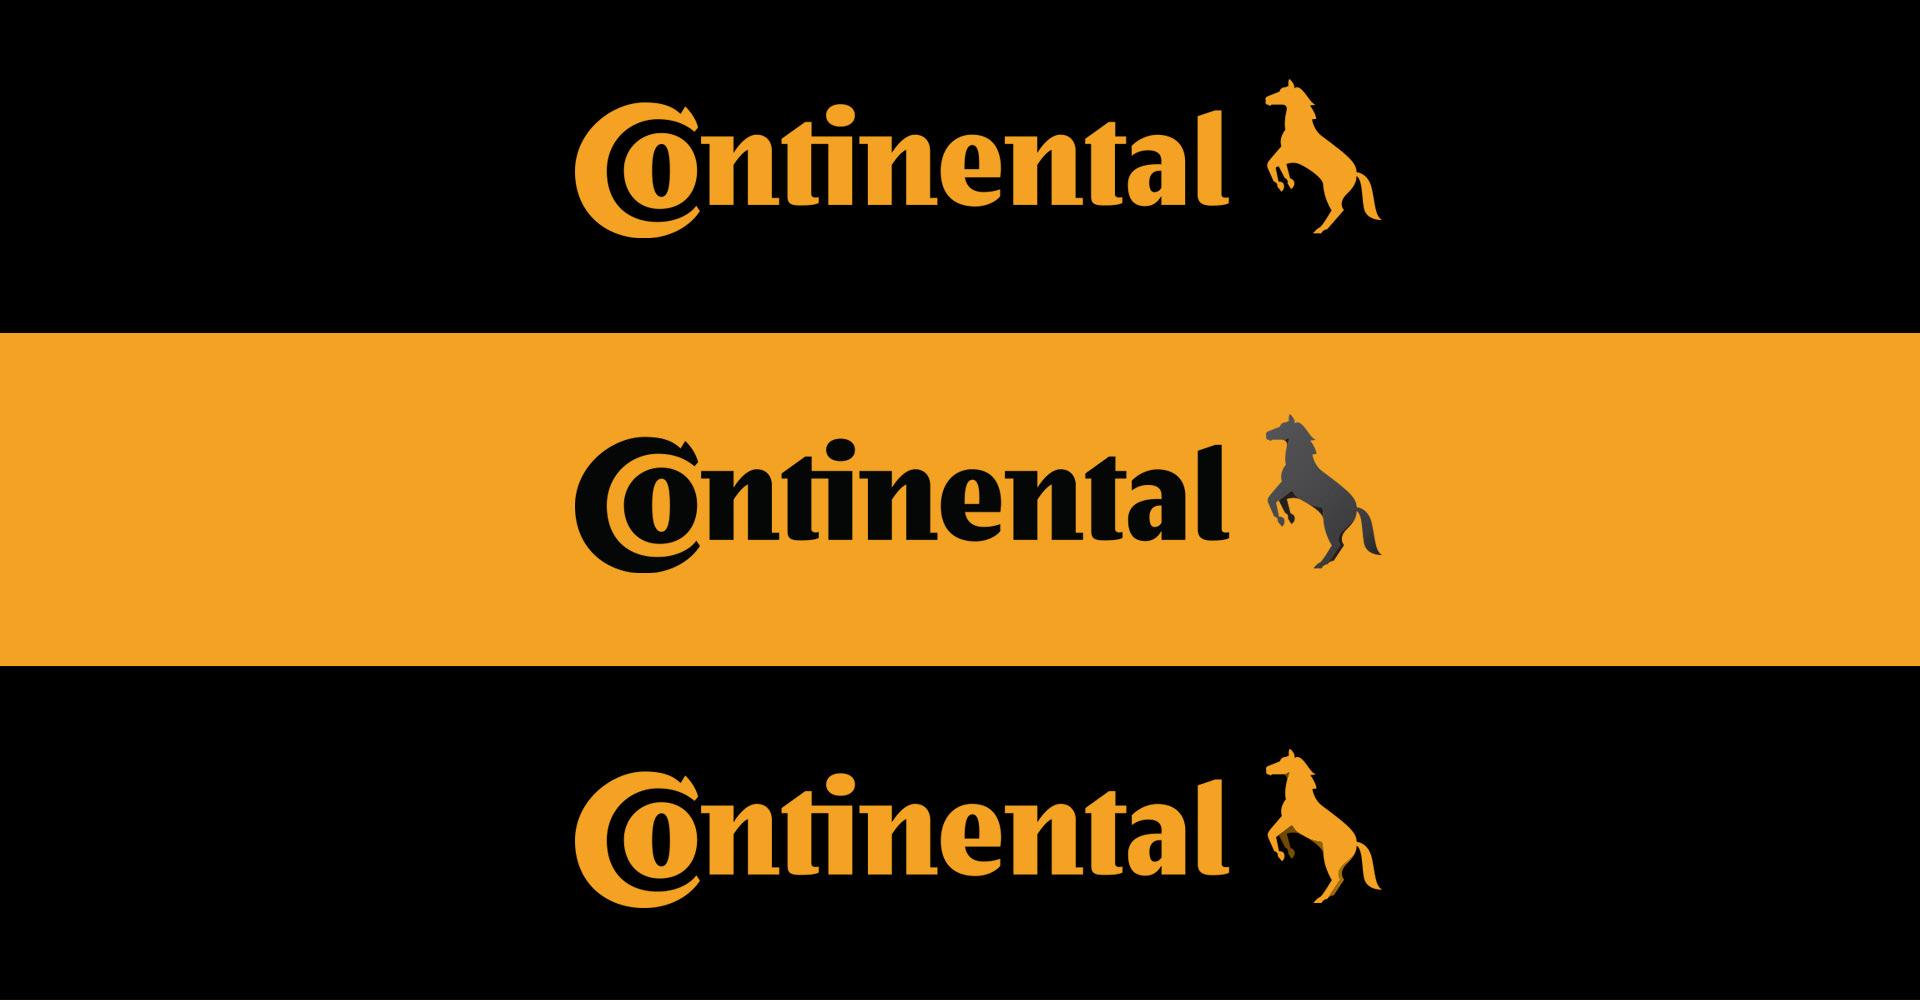 لوگوی Continental